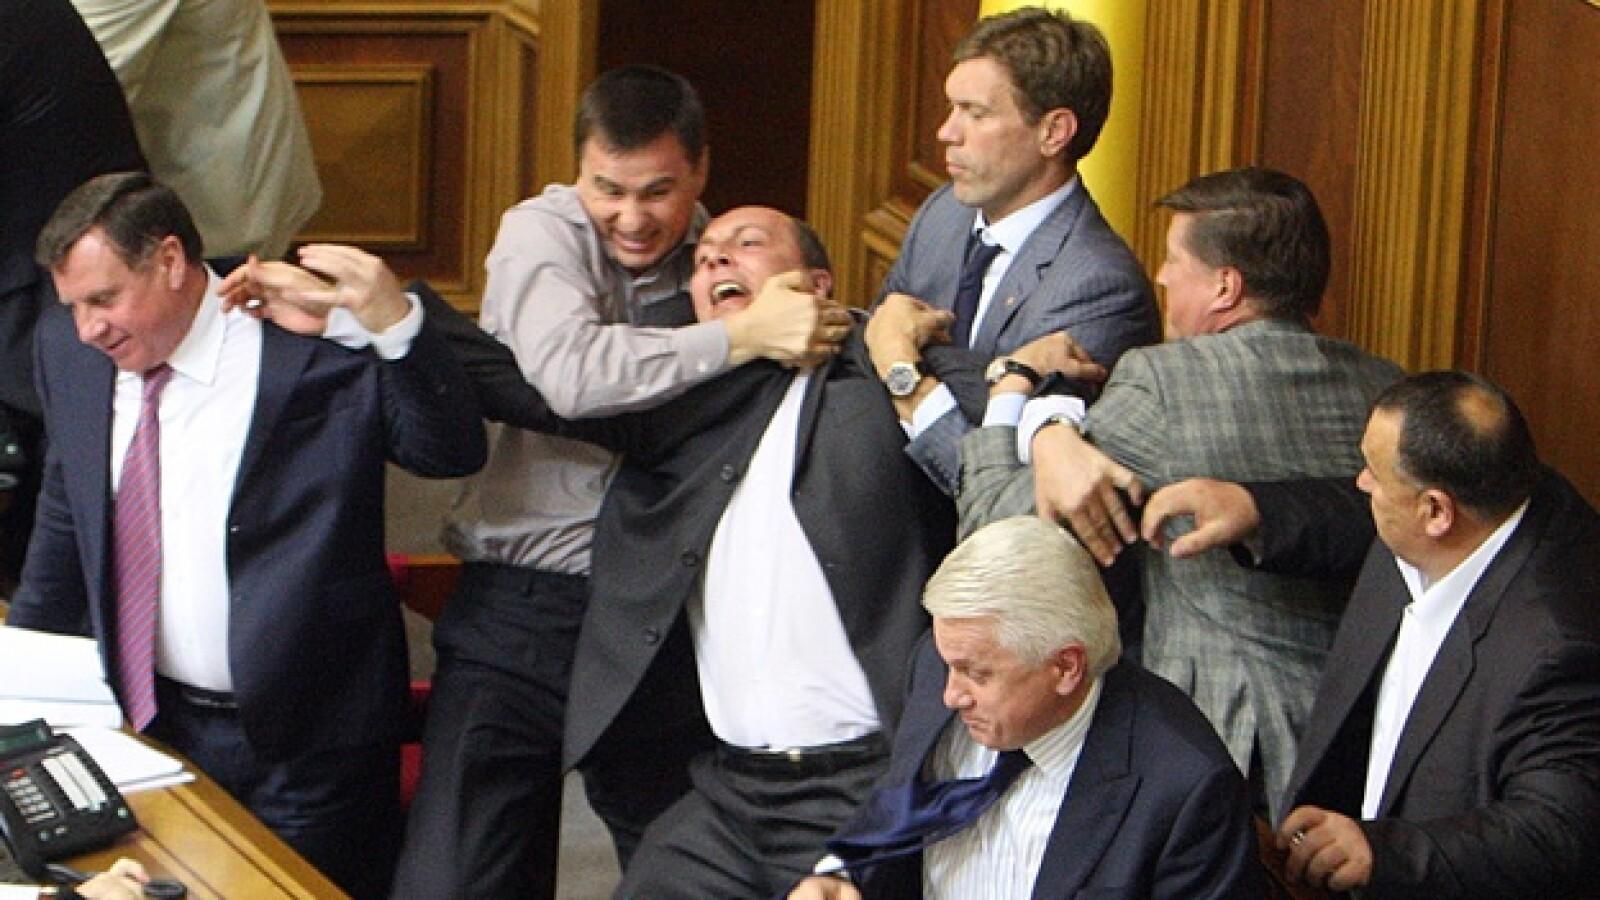 Ucrania Parlamento pelea 2